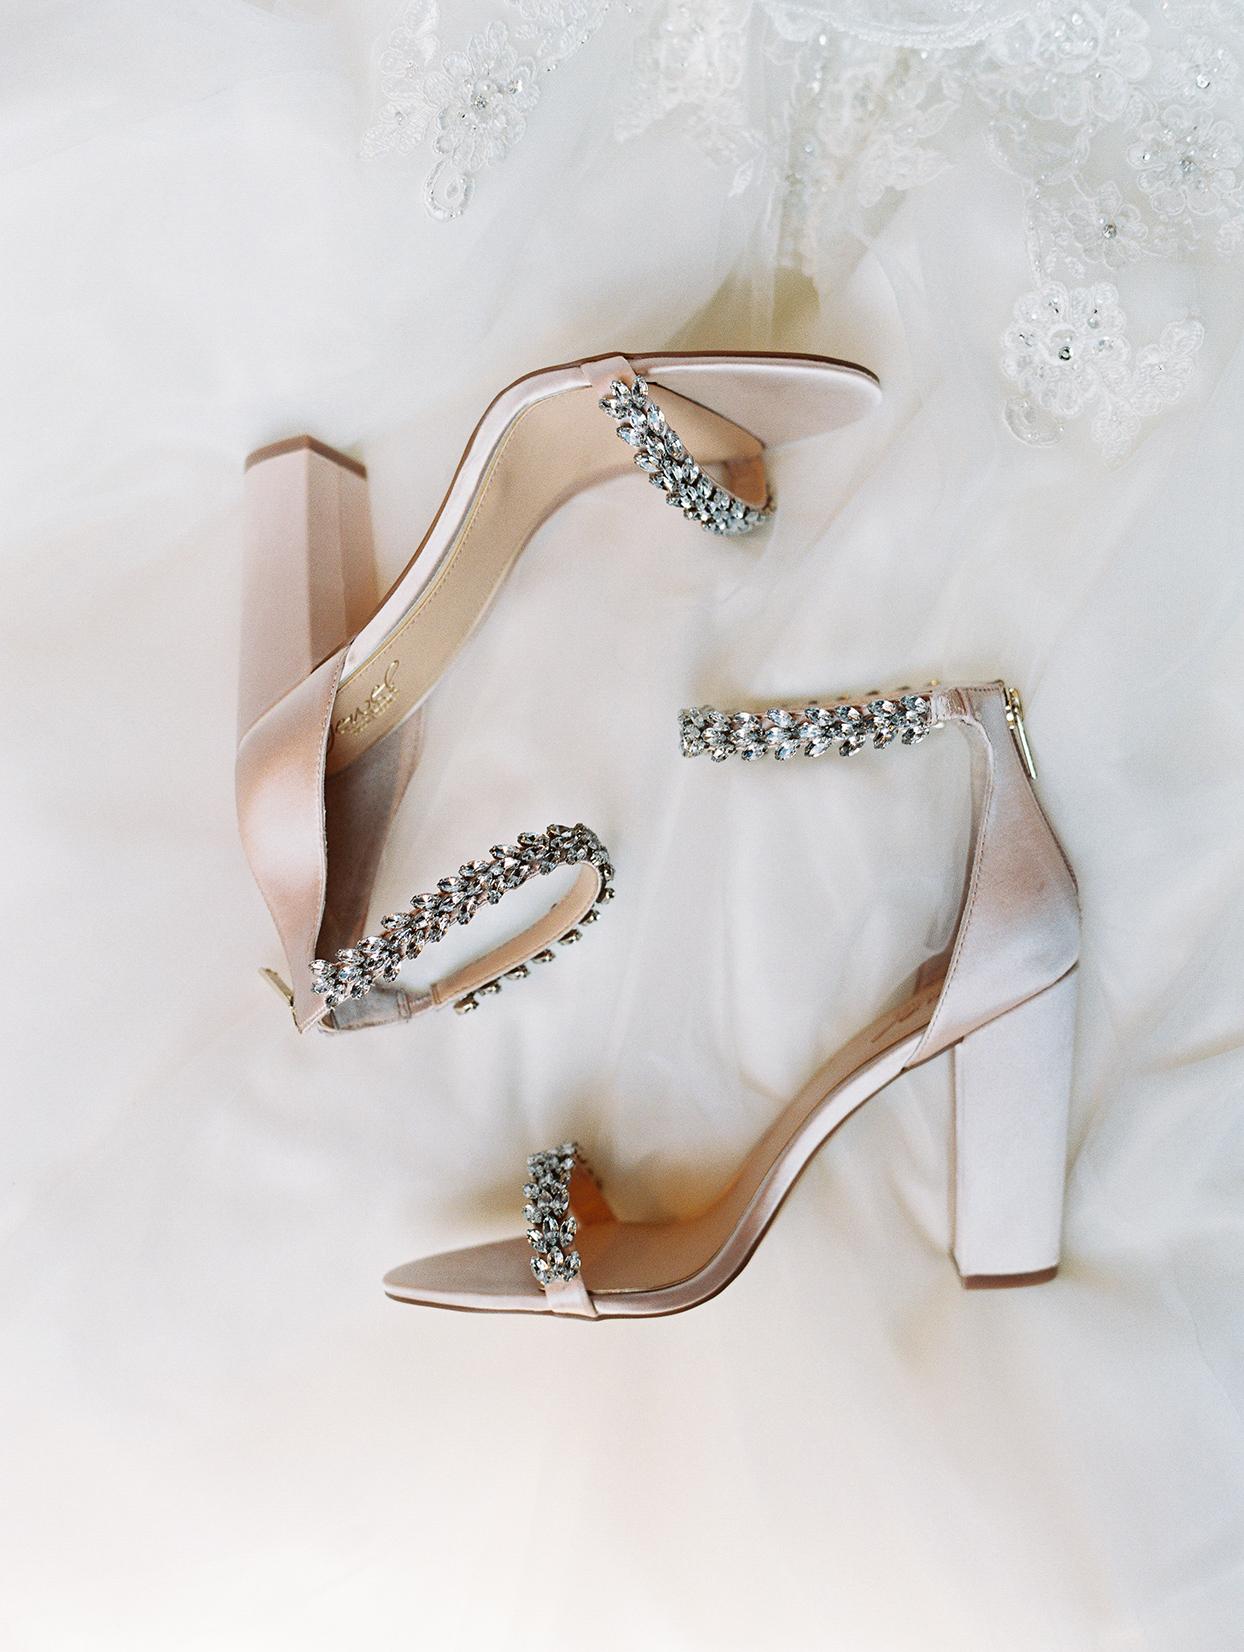 amelia justin bride's wedding shoes